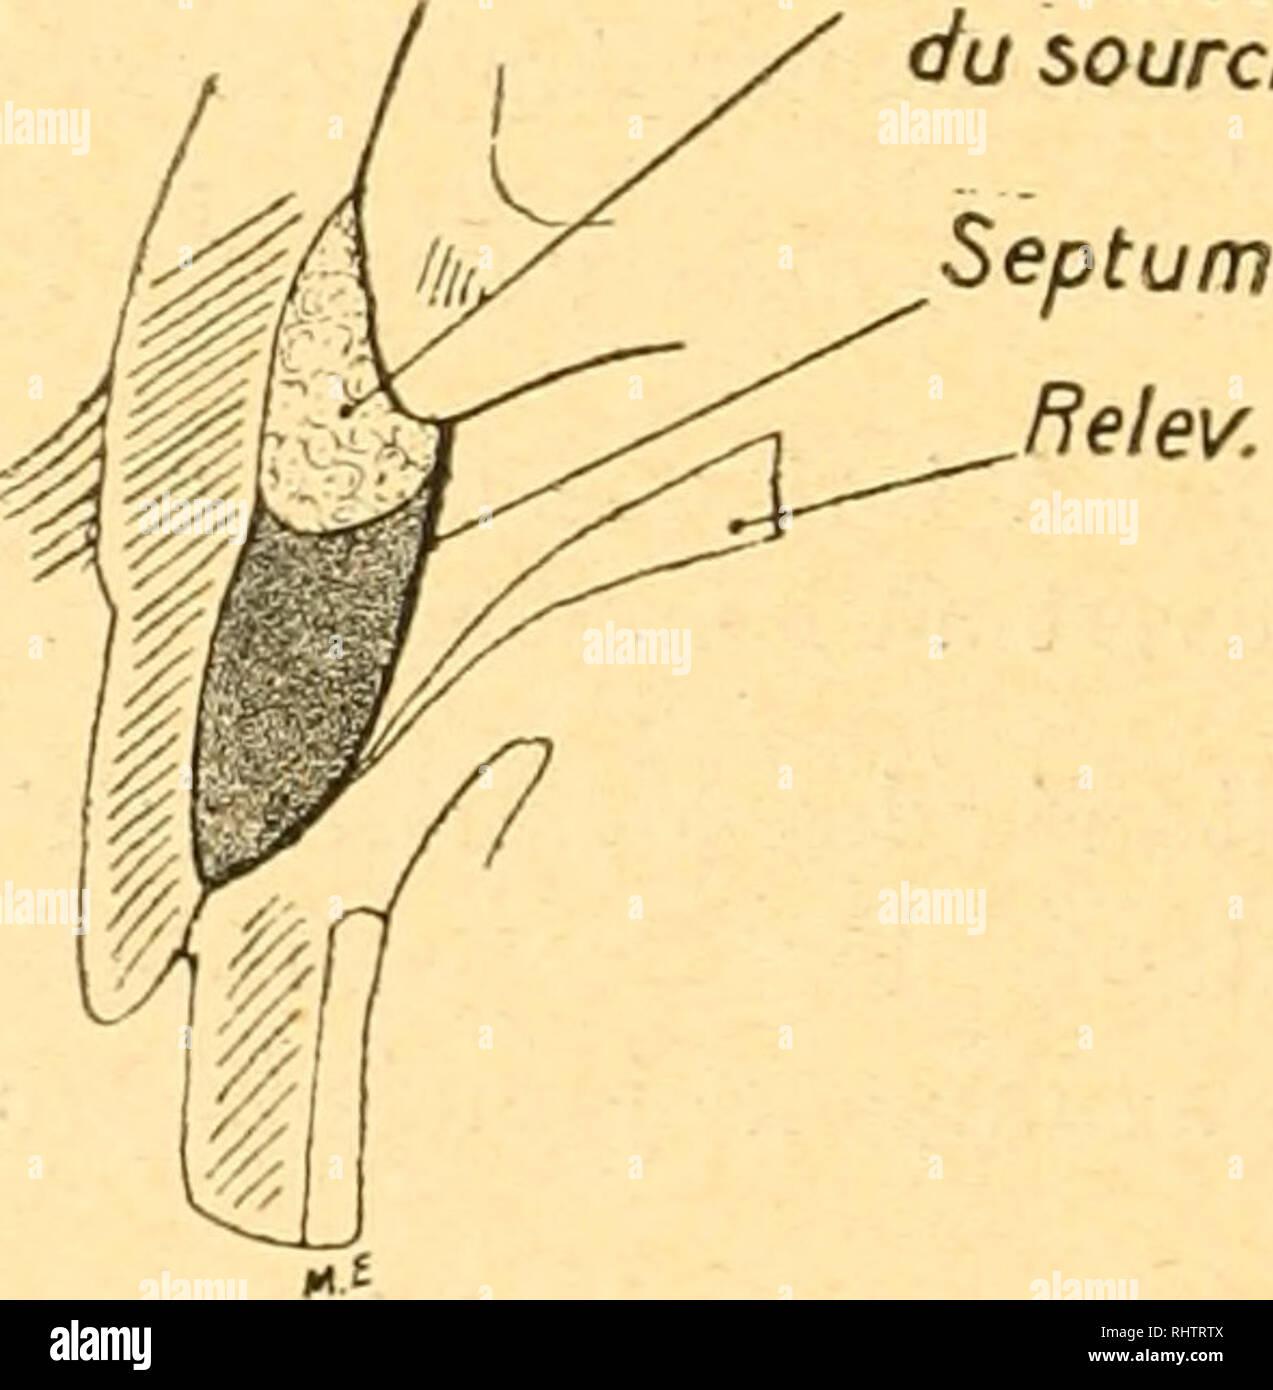 """. Bibliographie anatomique. Anatomia umana; Istologia; Embriologia Umana. Relev. Coussinet du sourcil. Fig. 2. Le iniezioni superficielles. A. aous iniezione-cutauée abondante simulante onu pochà Åil©. L'iniezione faite en avant de l'orbiculaire un traveraé le muscolo qui est noyé dans la masse. Une petite partie de l'iniezione, décolorée, un transsudé : en haut, en ar- rière du Â""""eptiim orbitaire, le long de son accolemi-nt au releveur; en bas, en avant du tarse, B. L'iniezione sous-mnsculaire danÂ"""" l'espace préanterosettale. L'iniezione, poussée en trí¨s petite quantité, est contenue entre le cou Foto Stock"""